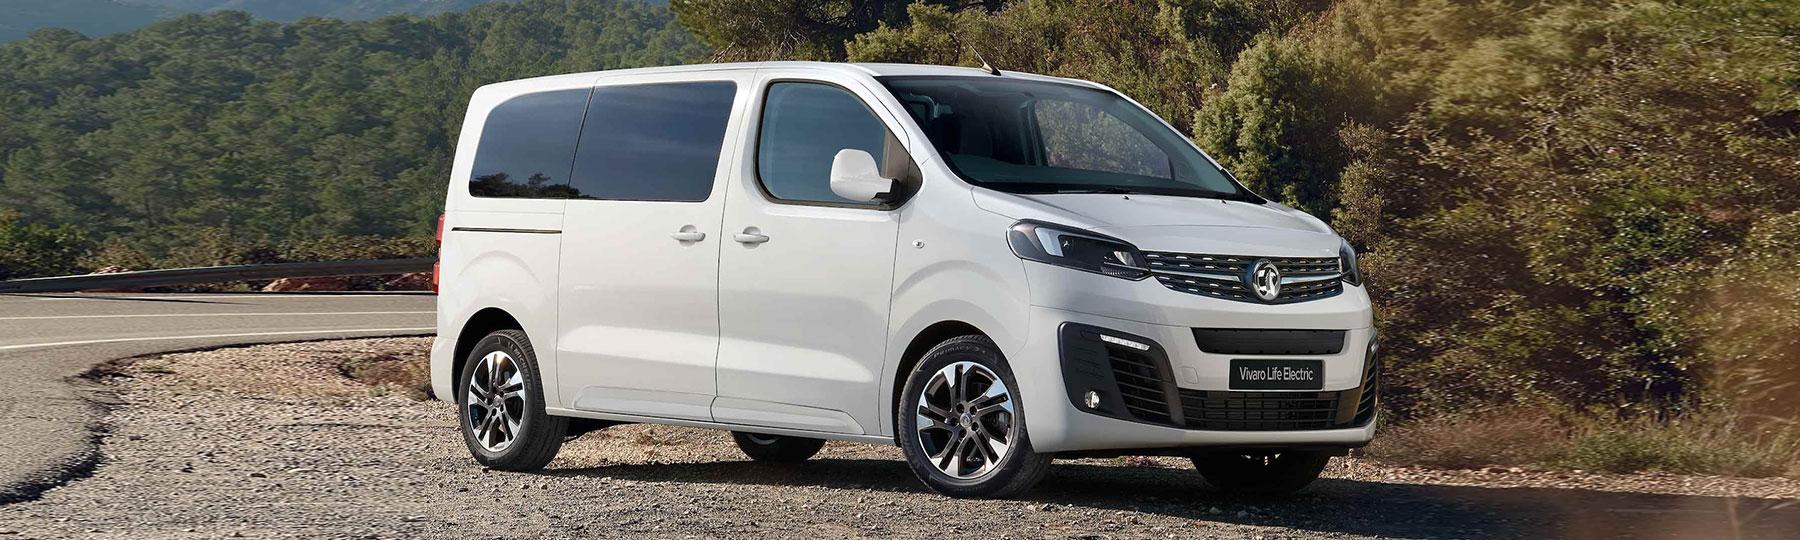 Vauxhall Vivaro-e Life Business Offer